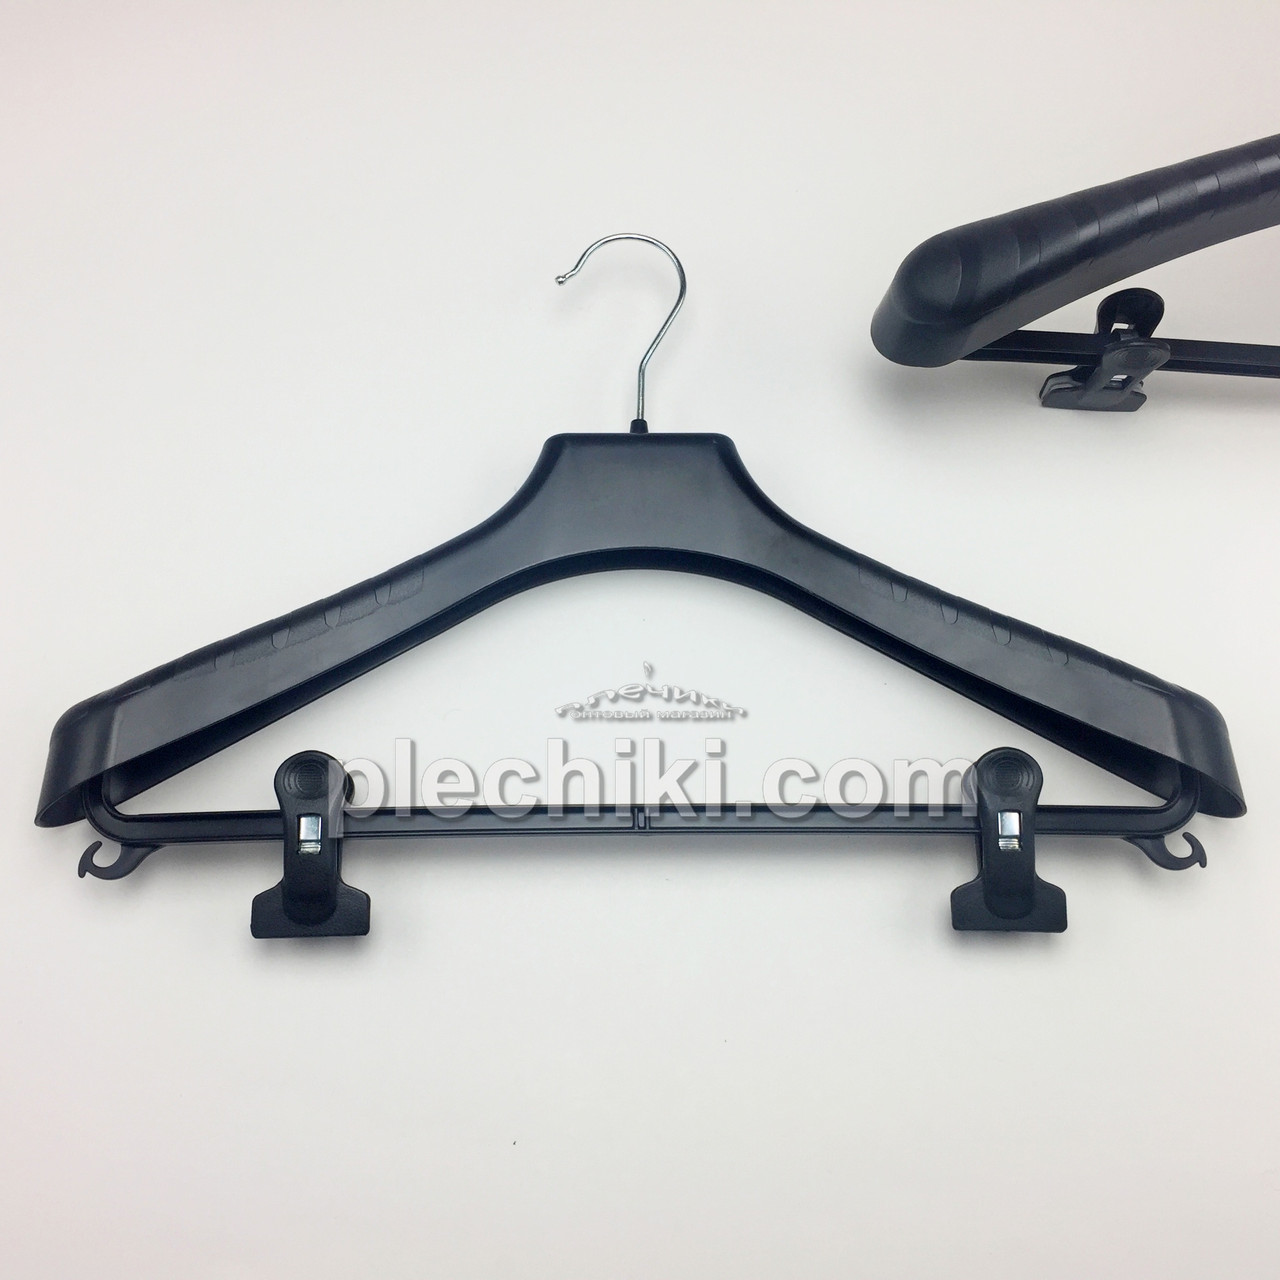 Пластиковые вешалки плечики для одежды W-PLz42 черного цвета, длина 420 мм